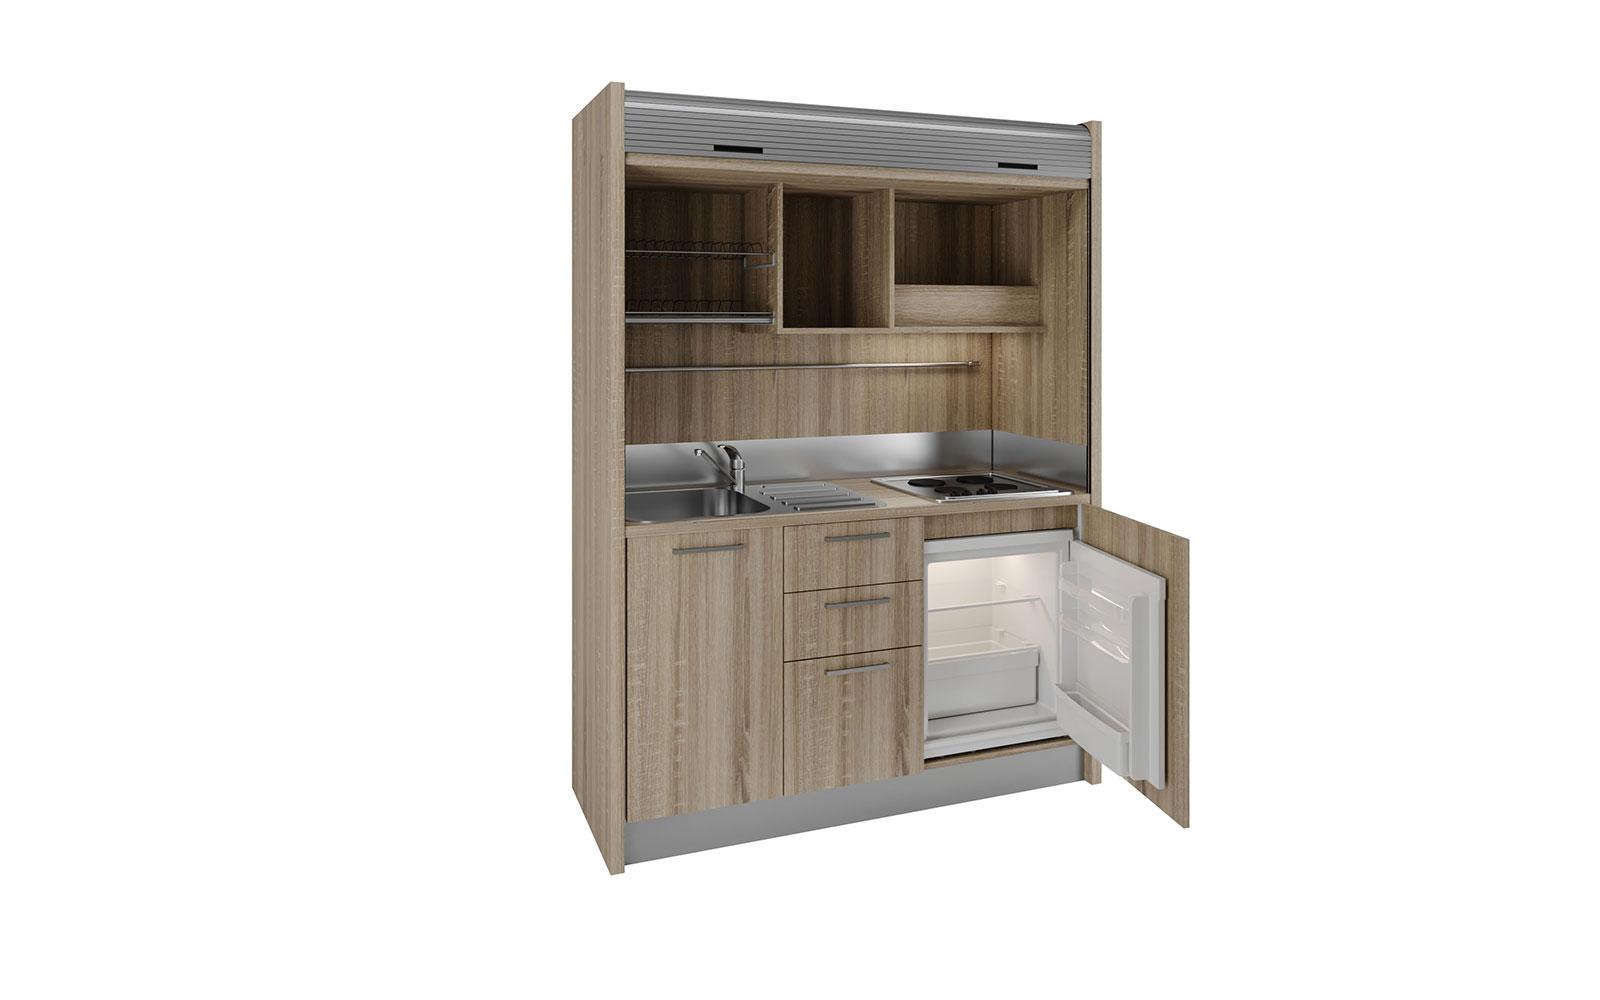 Chianti SX – Mini cucina nascosta a 4 fuochi con serrandina in 1 metro e  60cm